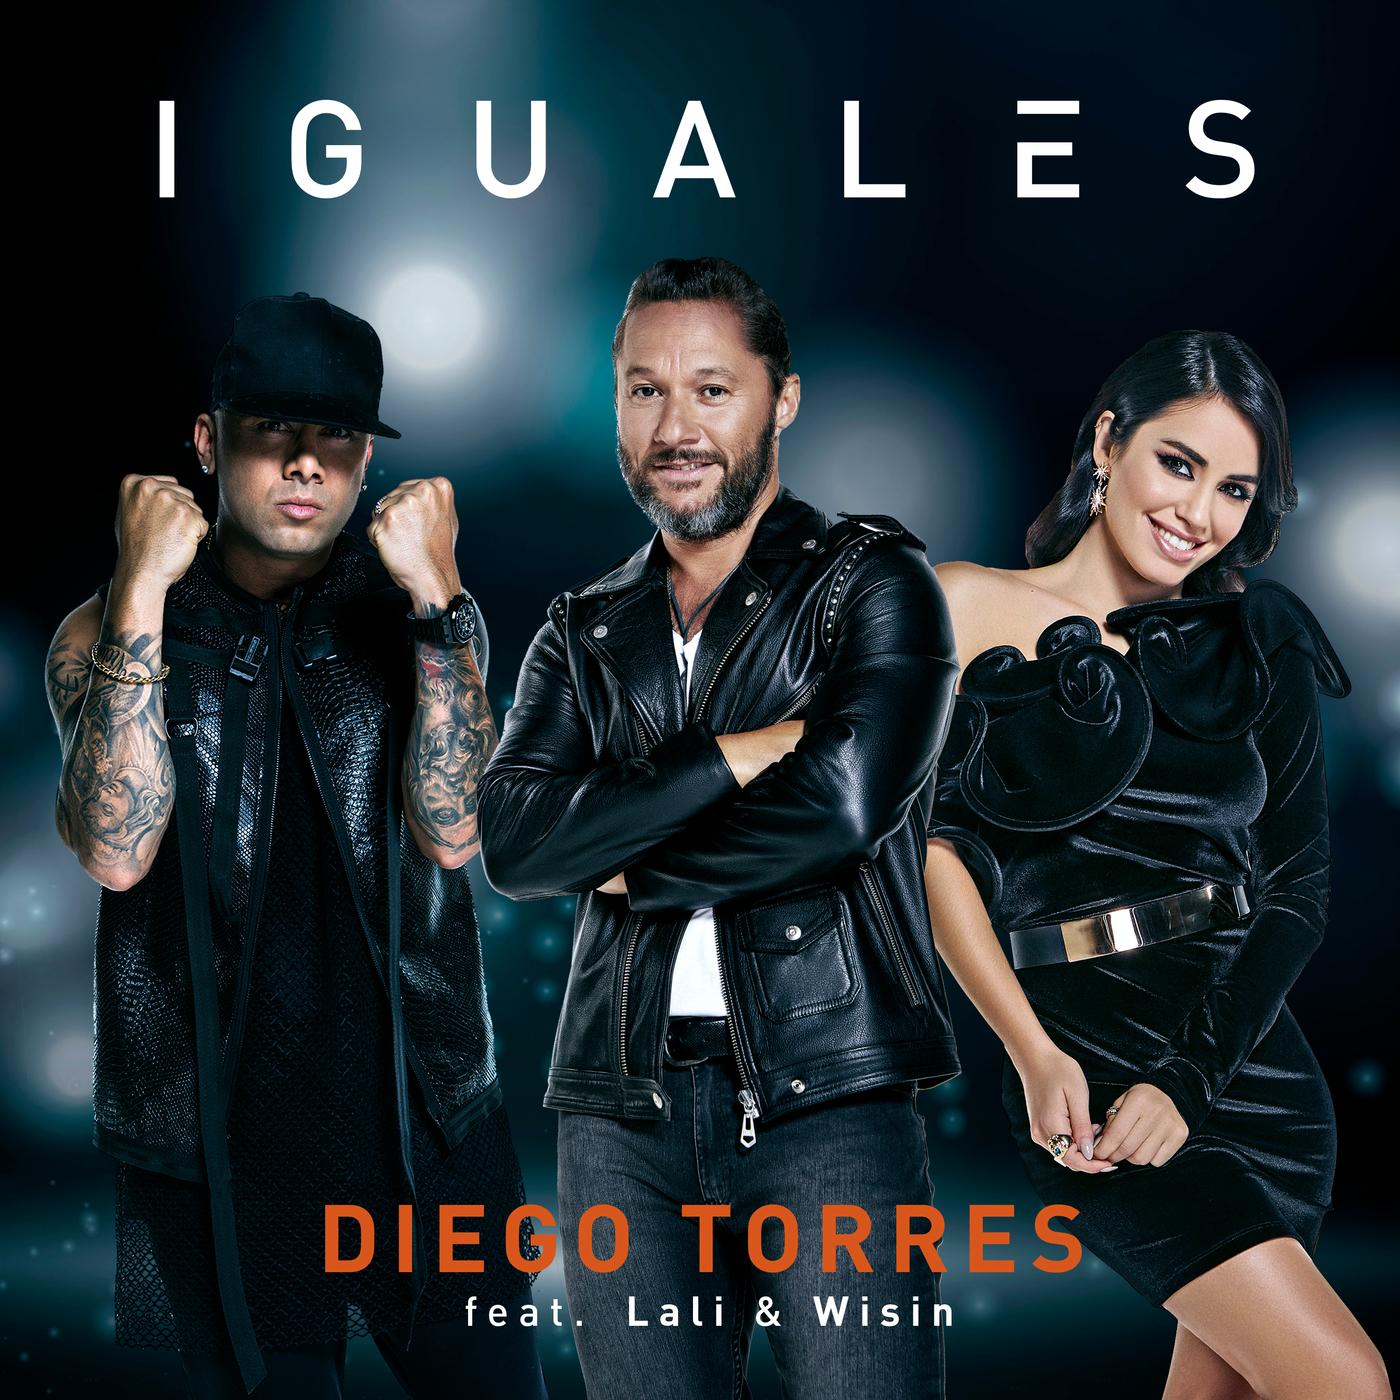 Iguales - Diego Torres